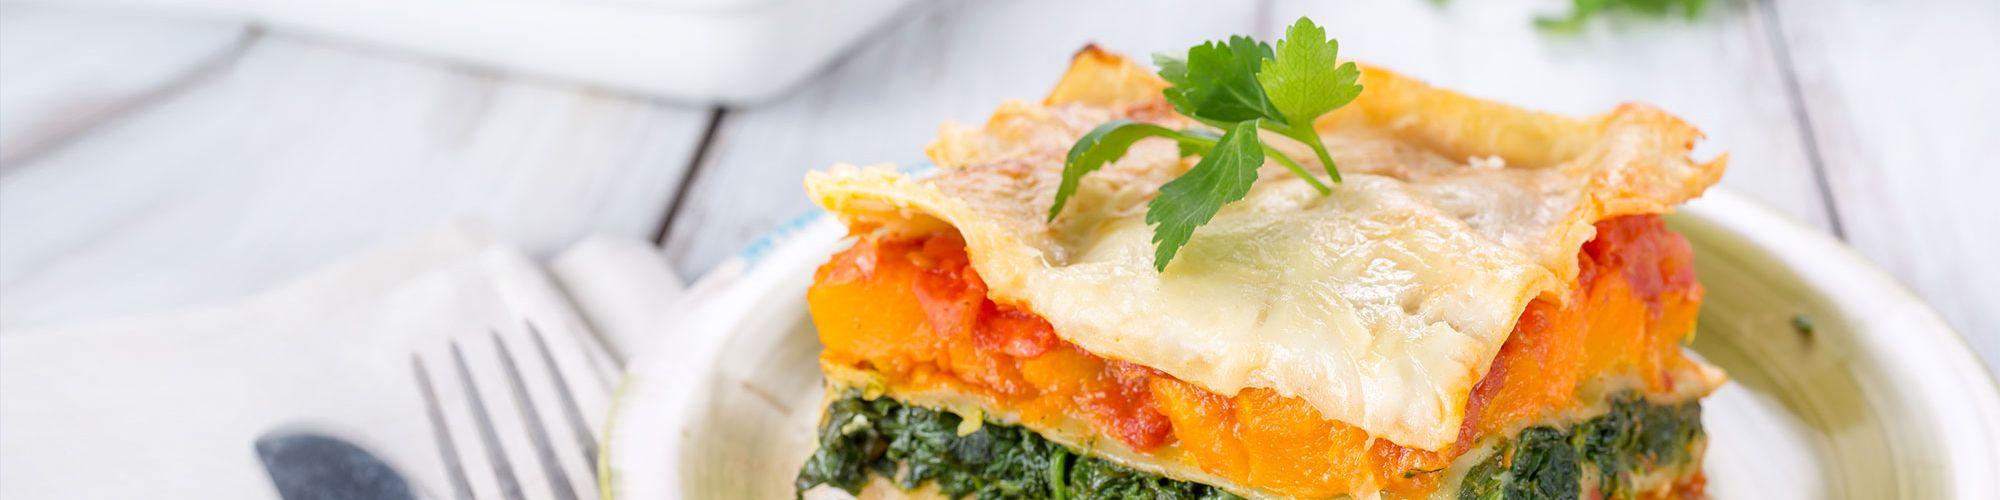 ricetta Lasagna con zucca e spinaci con pasta fresca